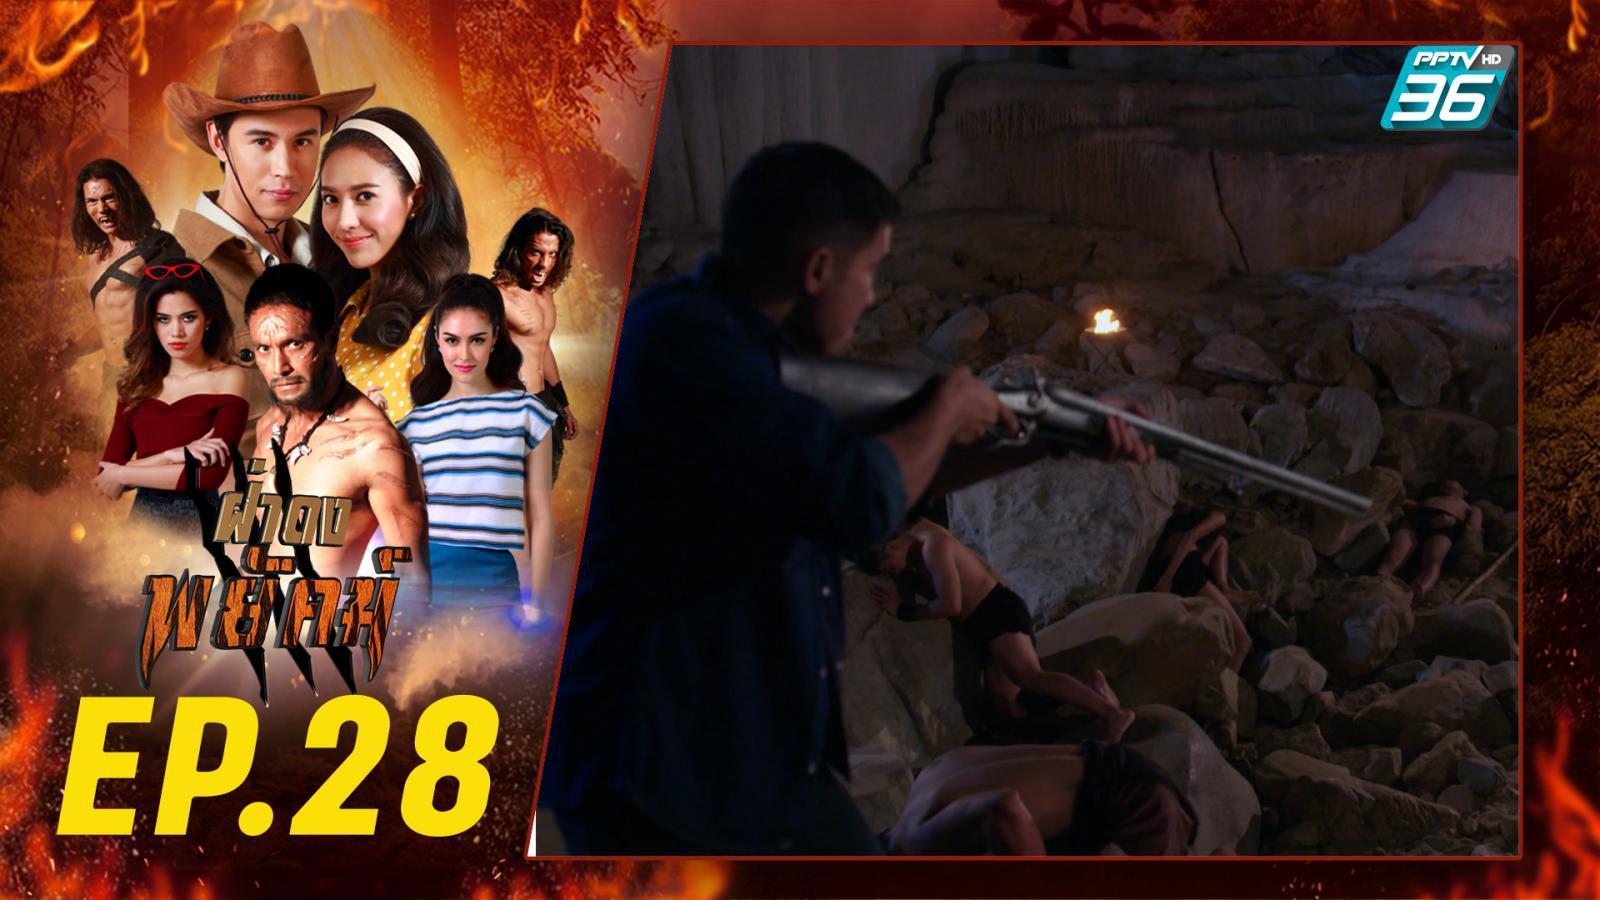 ดูย้อนหลัง | ฝ่าดงพยัคฆ์ EP.28 | ฆ่าล้างเผ่าพันธุ์